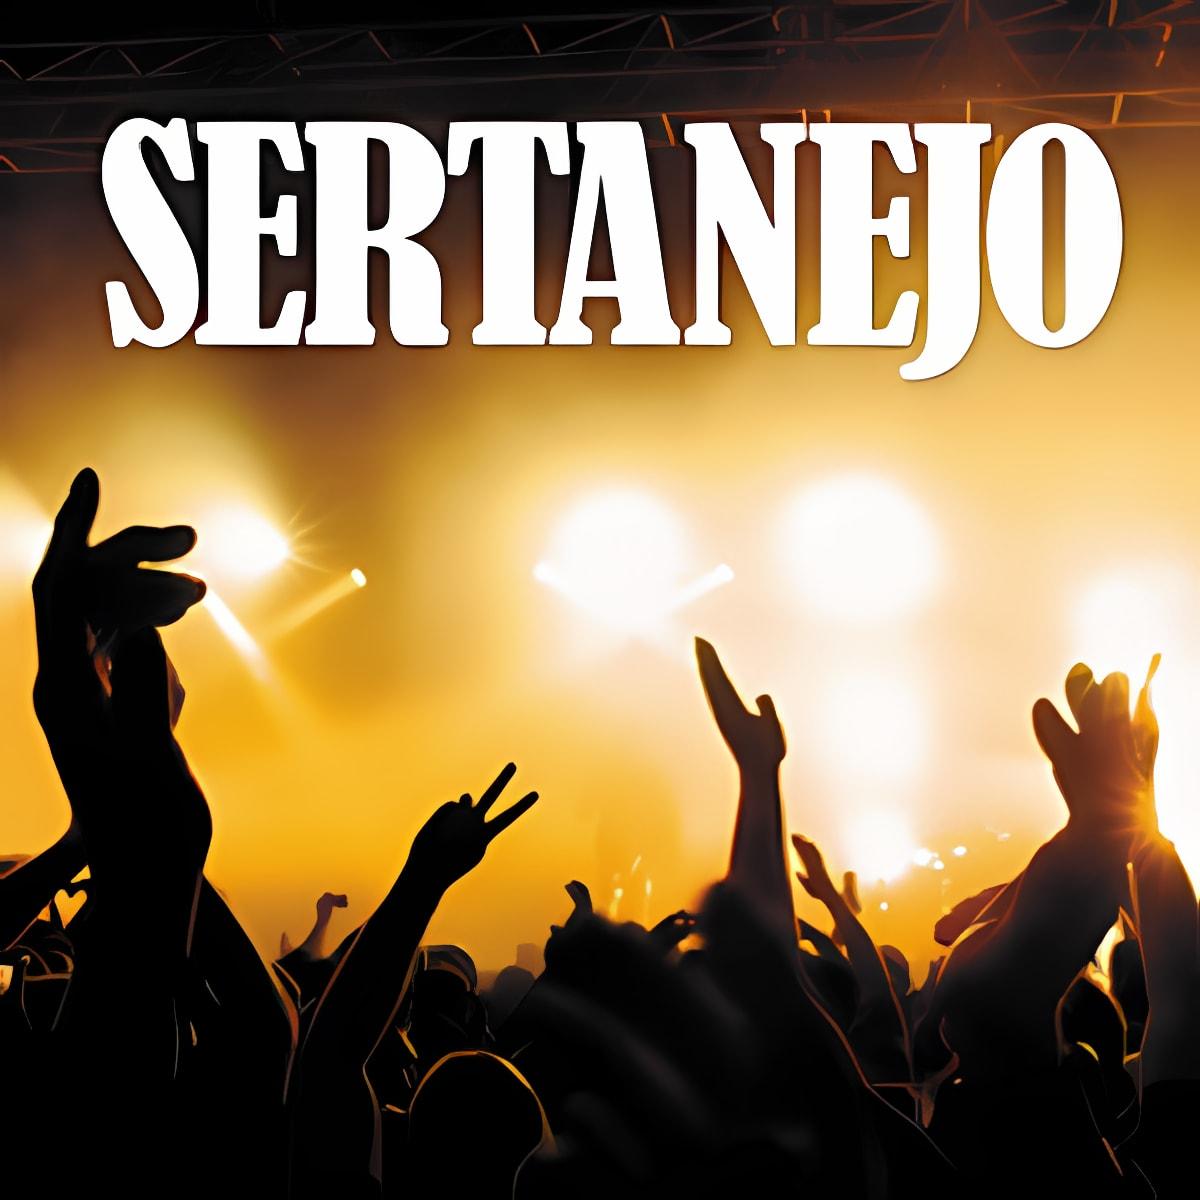 Palco Sertanejo